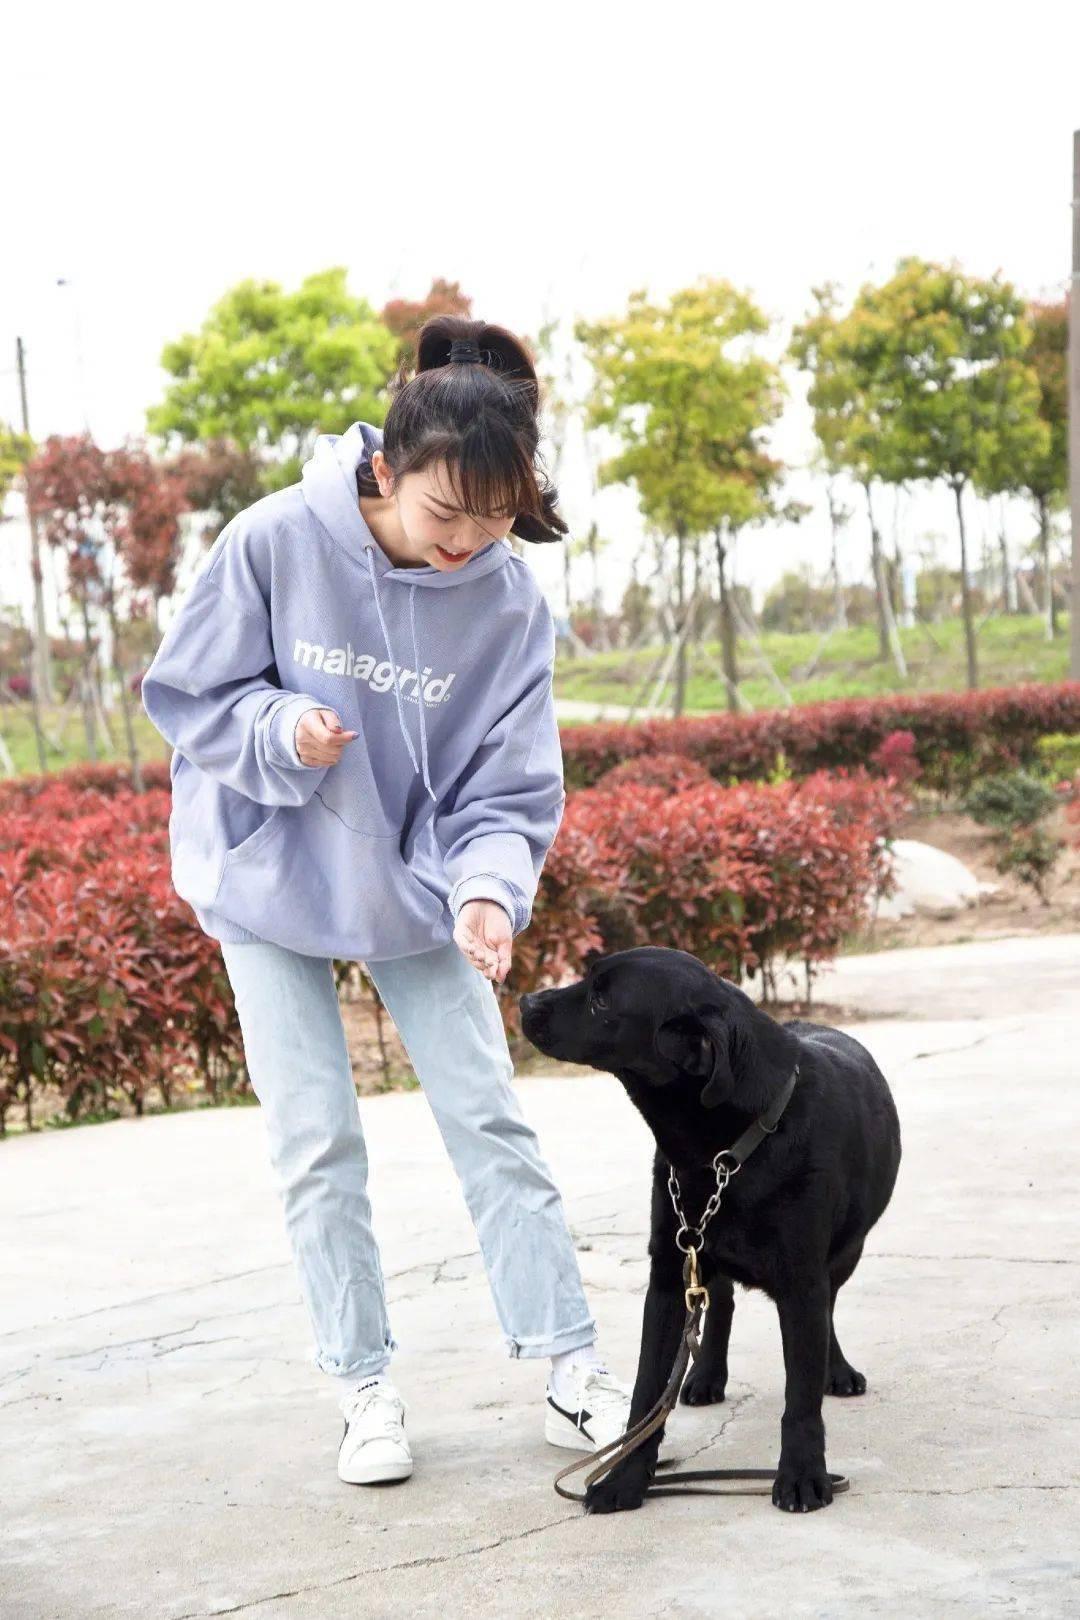 华谊兄弟时尚|刘亚楠生日探访活动回顾